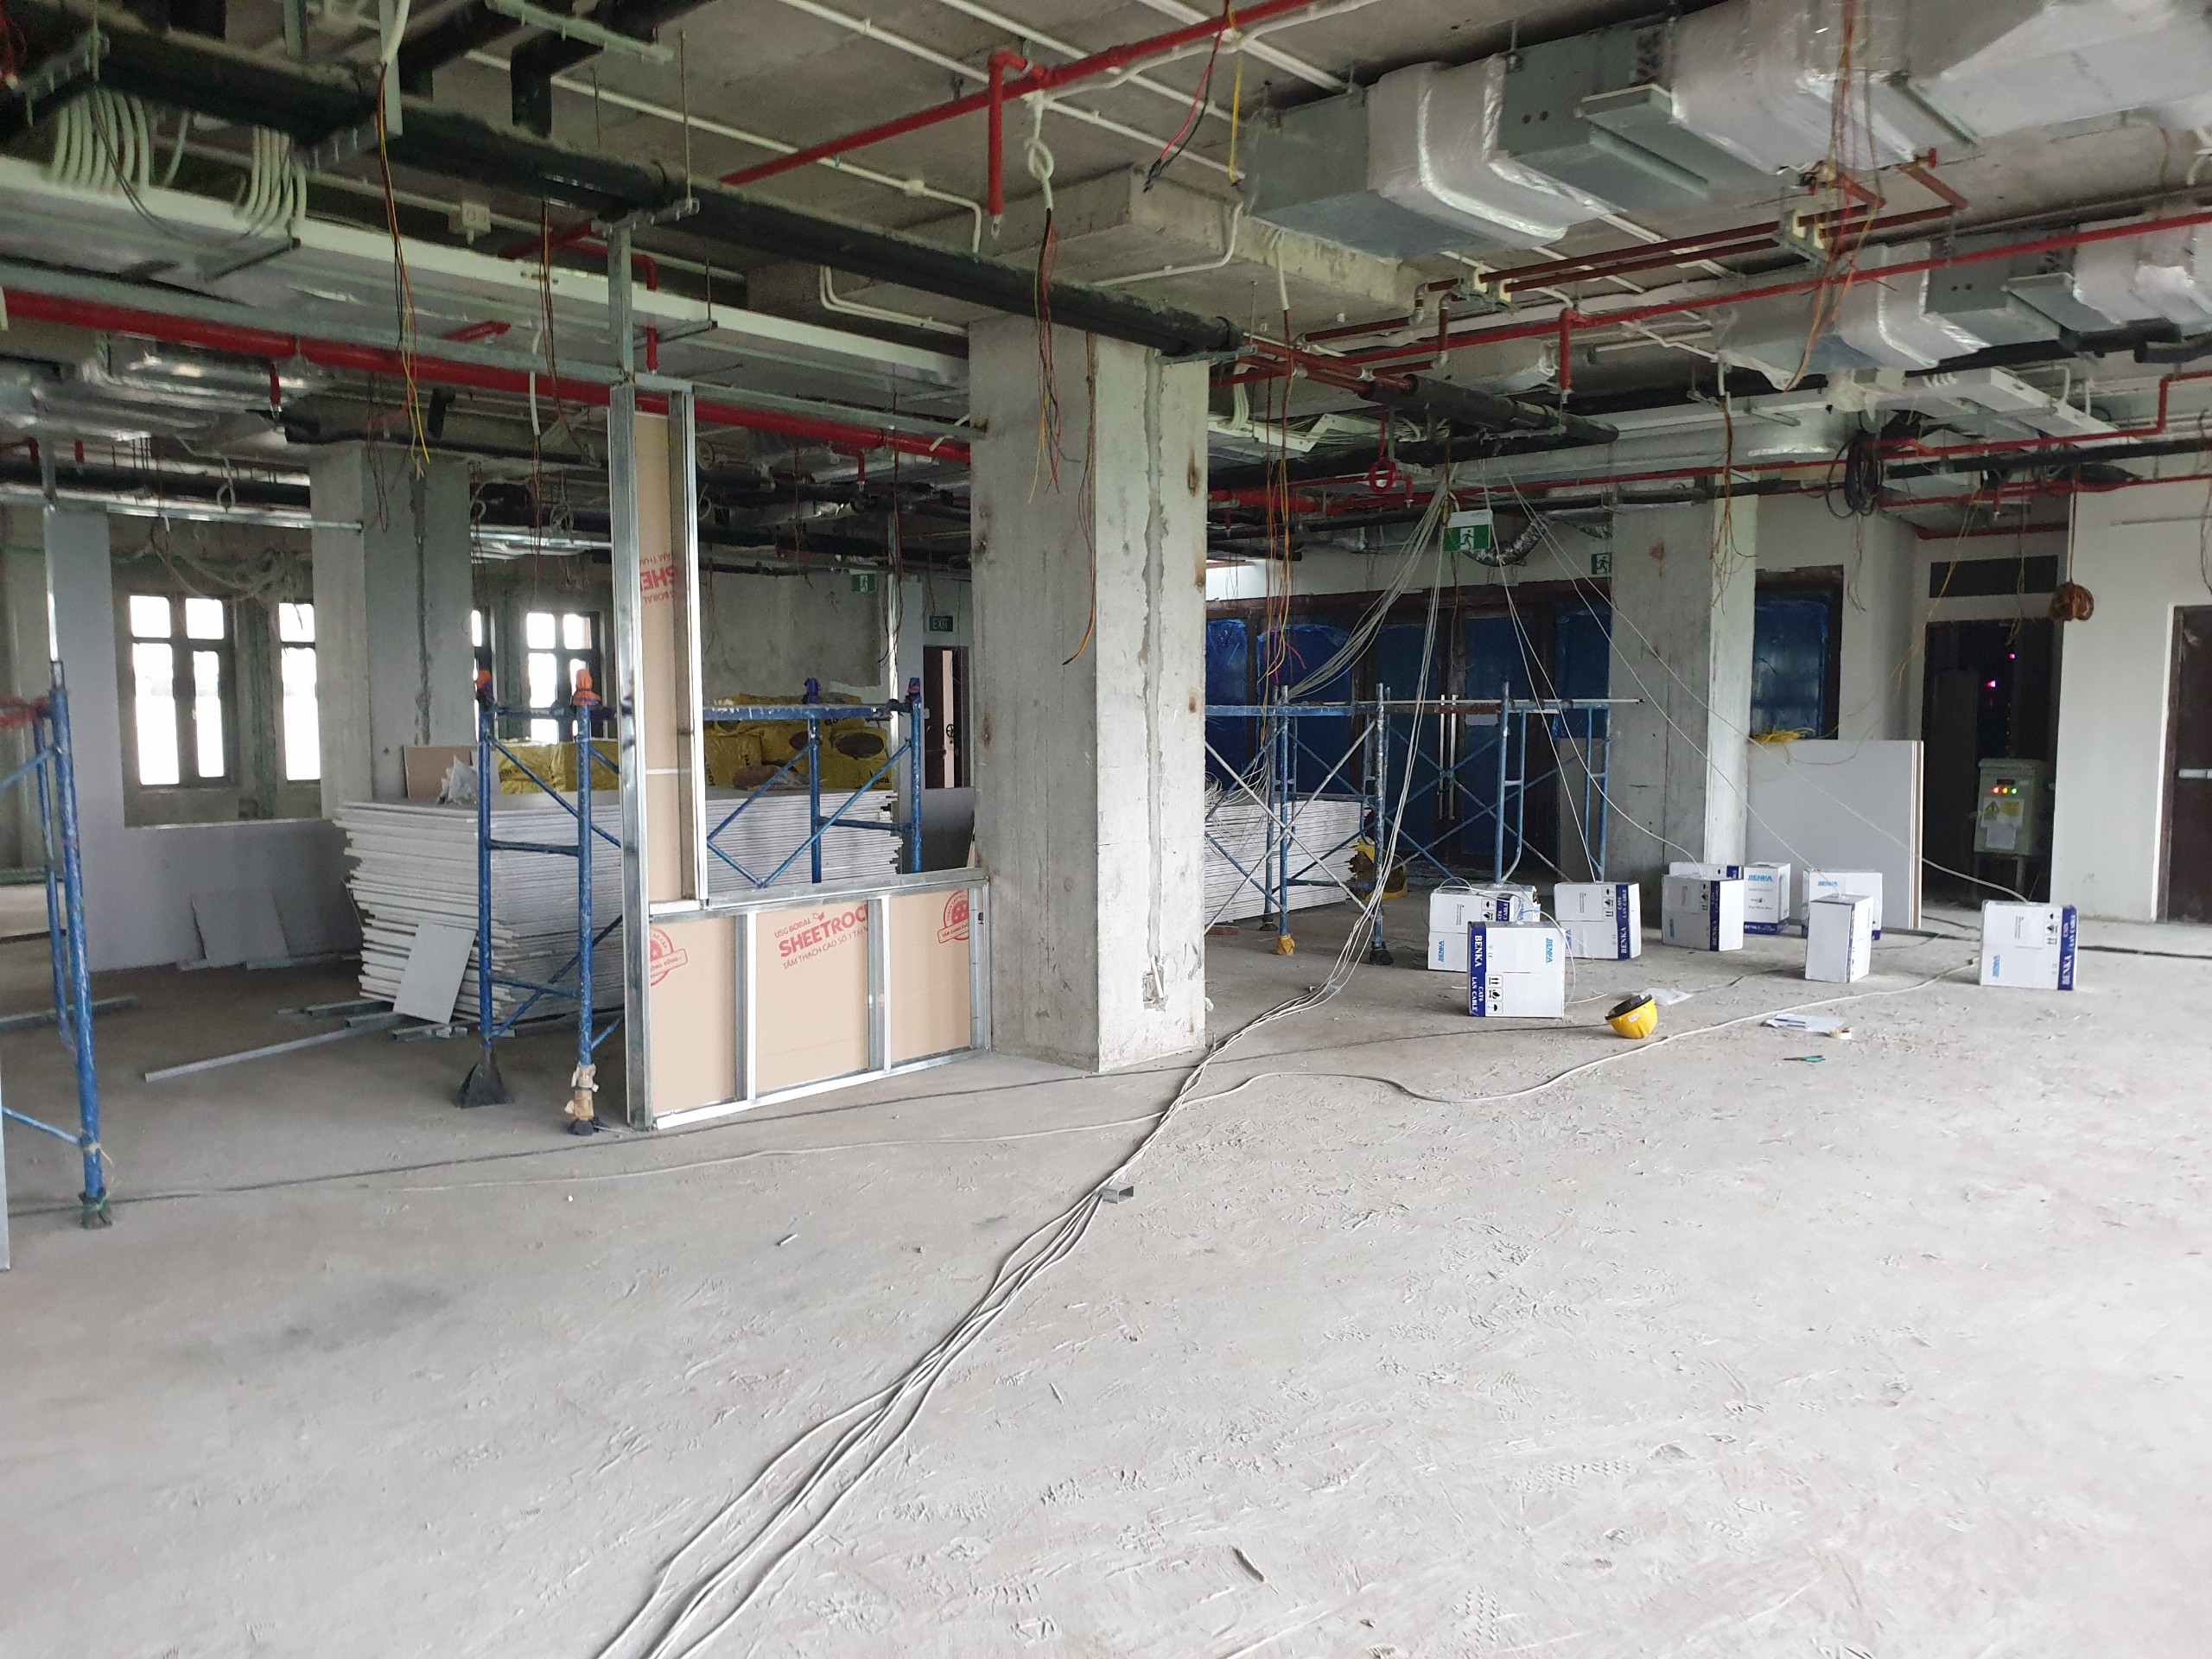 Mặt bằng trước khi nhận sửa chữa cải tạo văn phòng làm việc tại Hà Nội